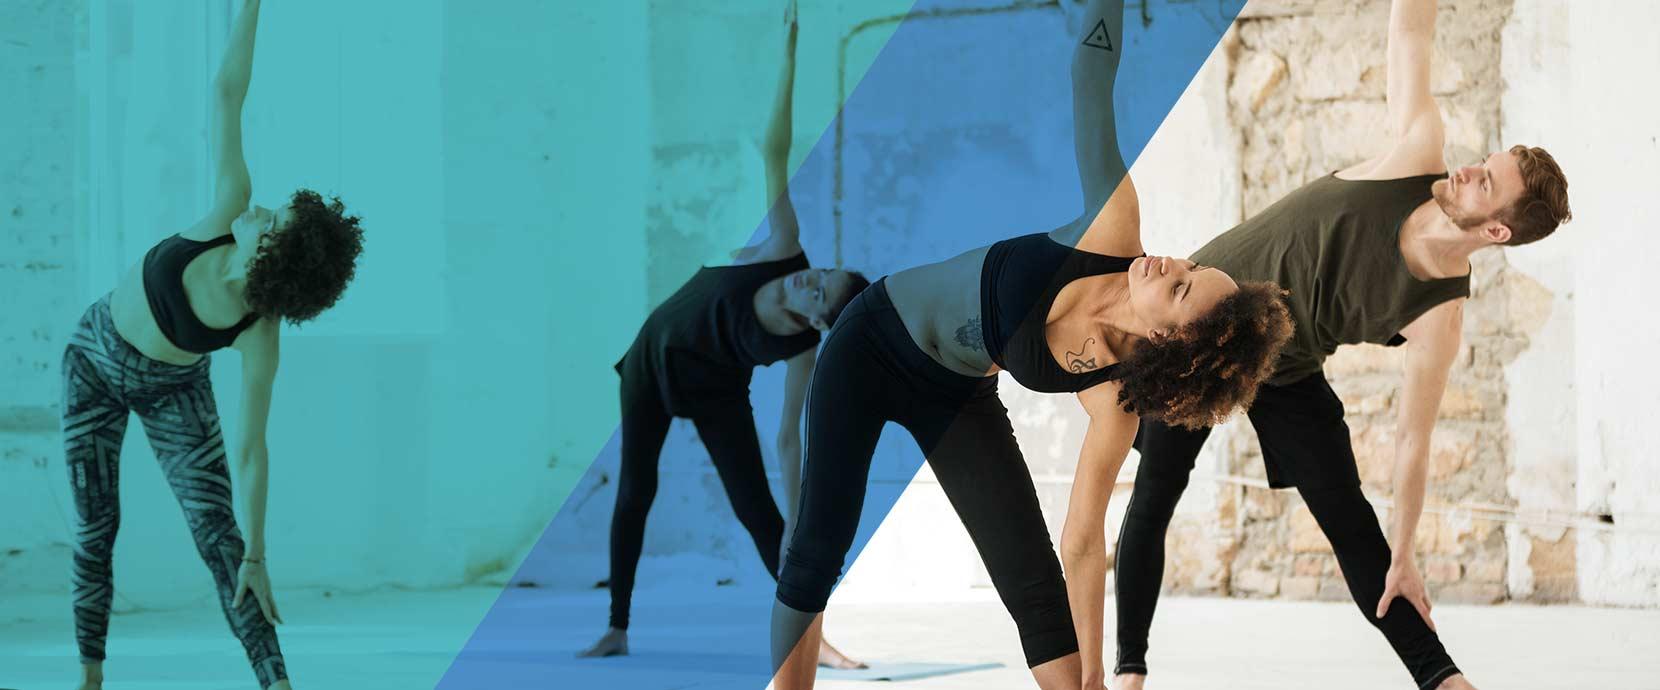 Clase de aerobic live pentru cât mai mulți membri noi, indiferent unde se află